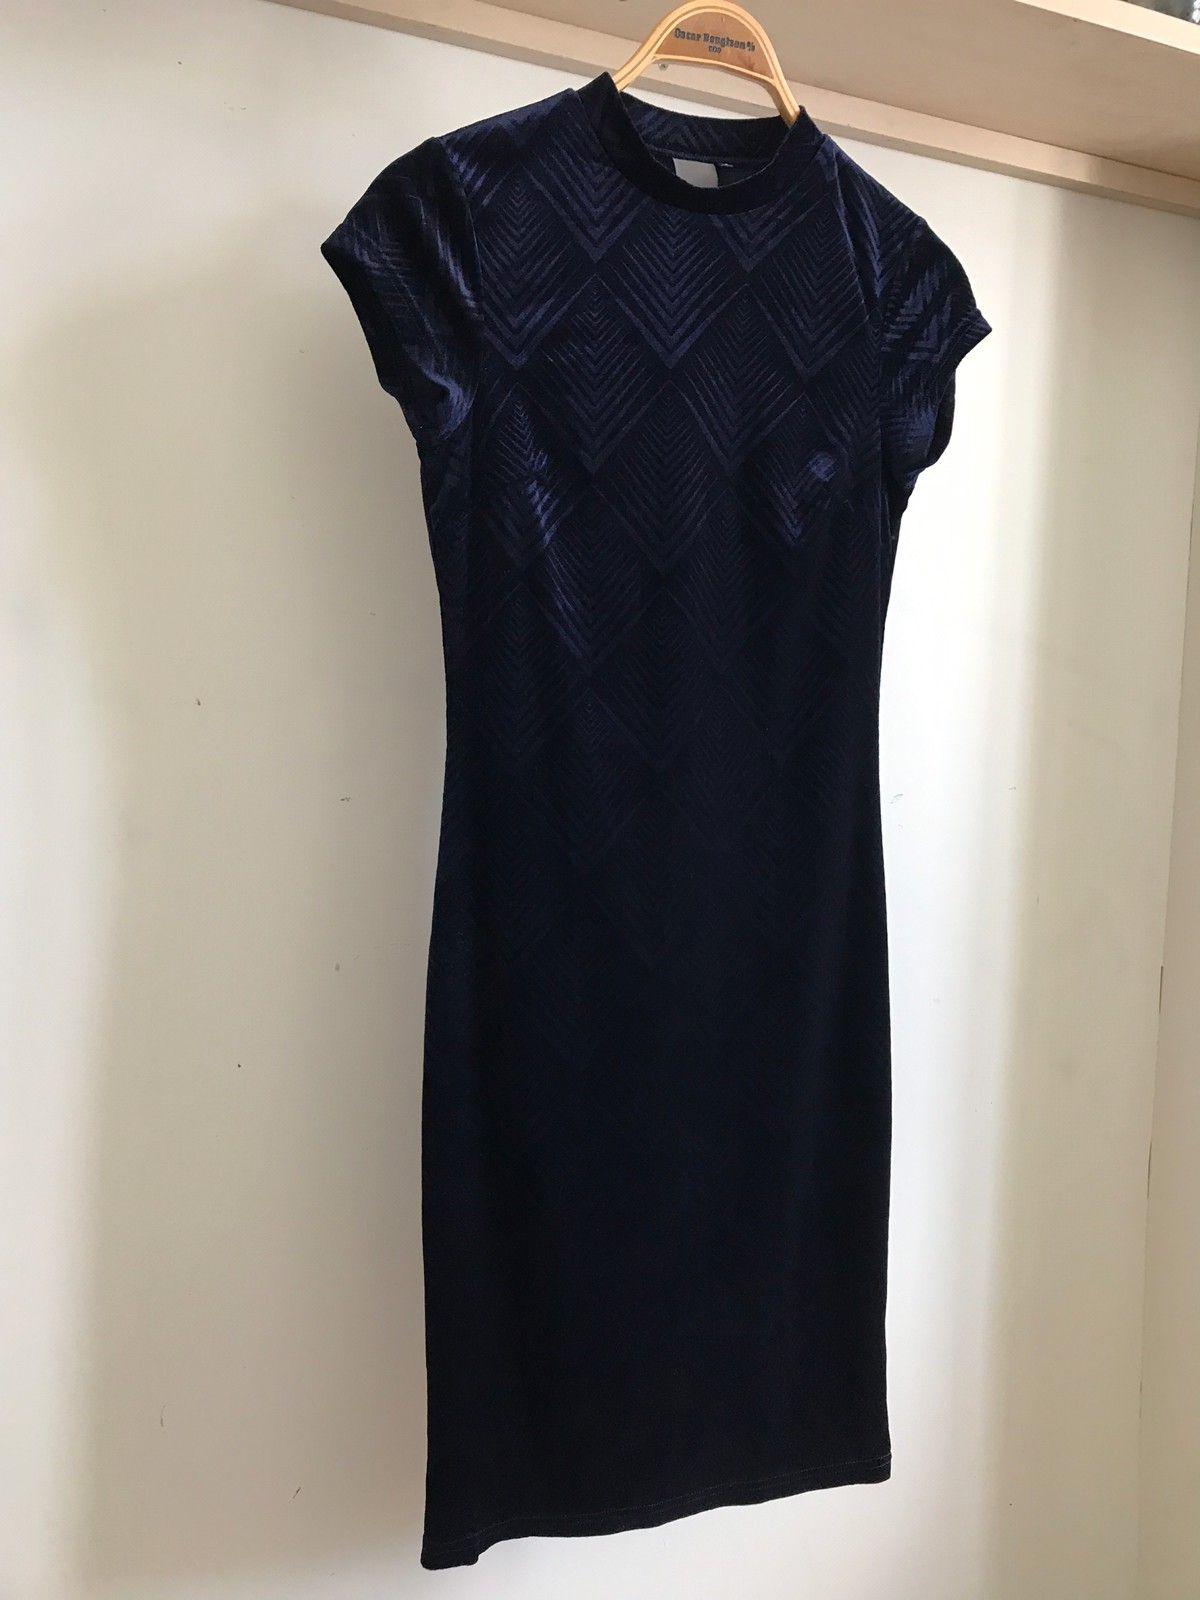 2d19bd96 Mørkeblå kjole med pent snitt. Nesten sort, men skinner litt i blått når  det kommer lys på (1/3)